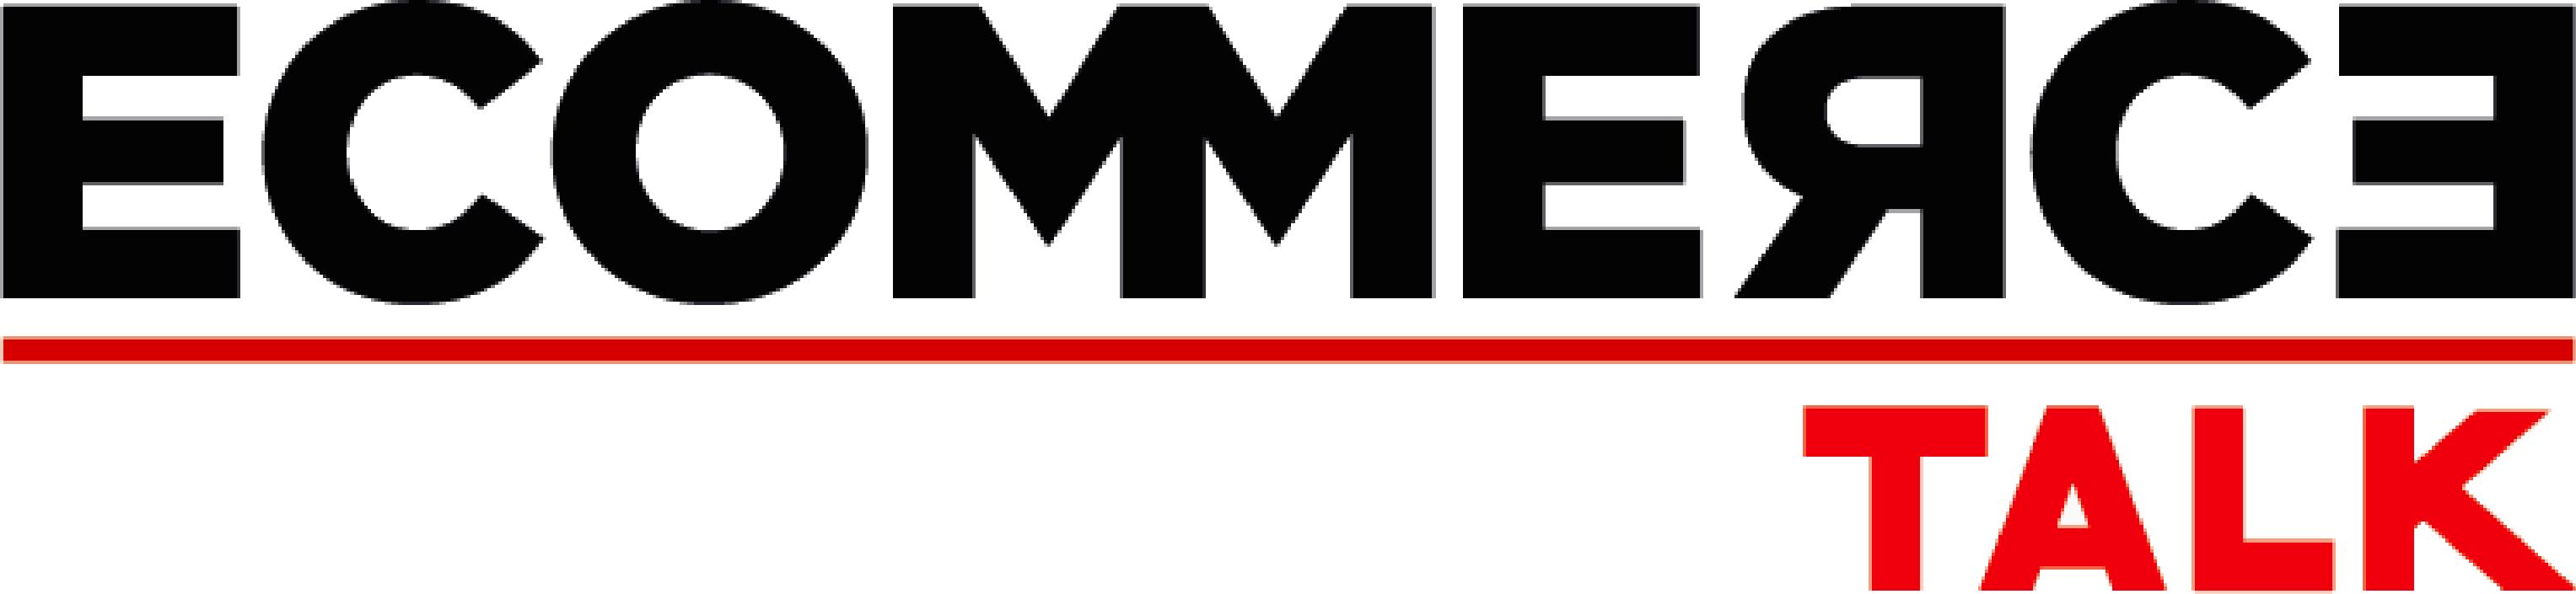 EcommerceTalk | Formazione gratuita per ripensare insieme il futuro